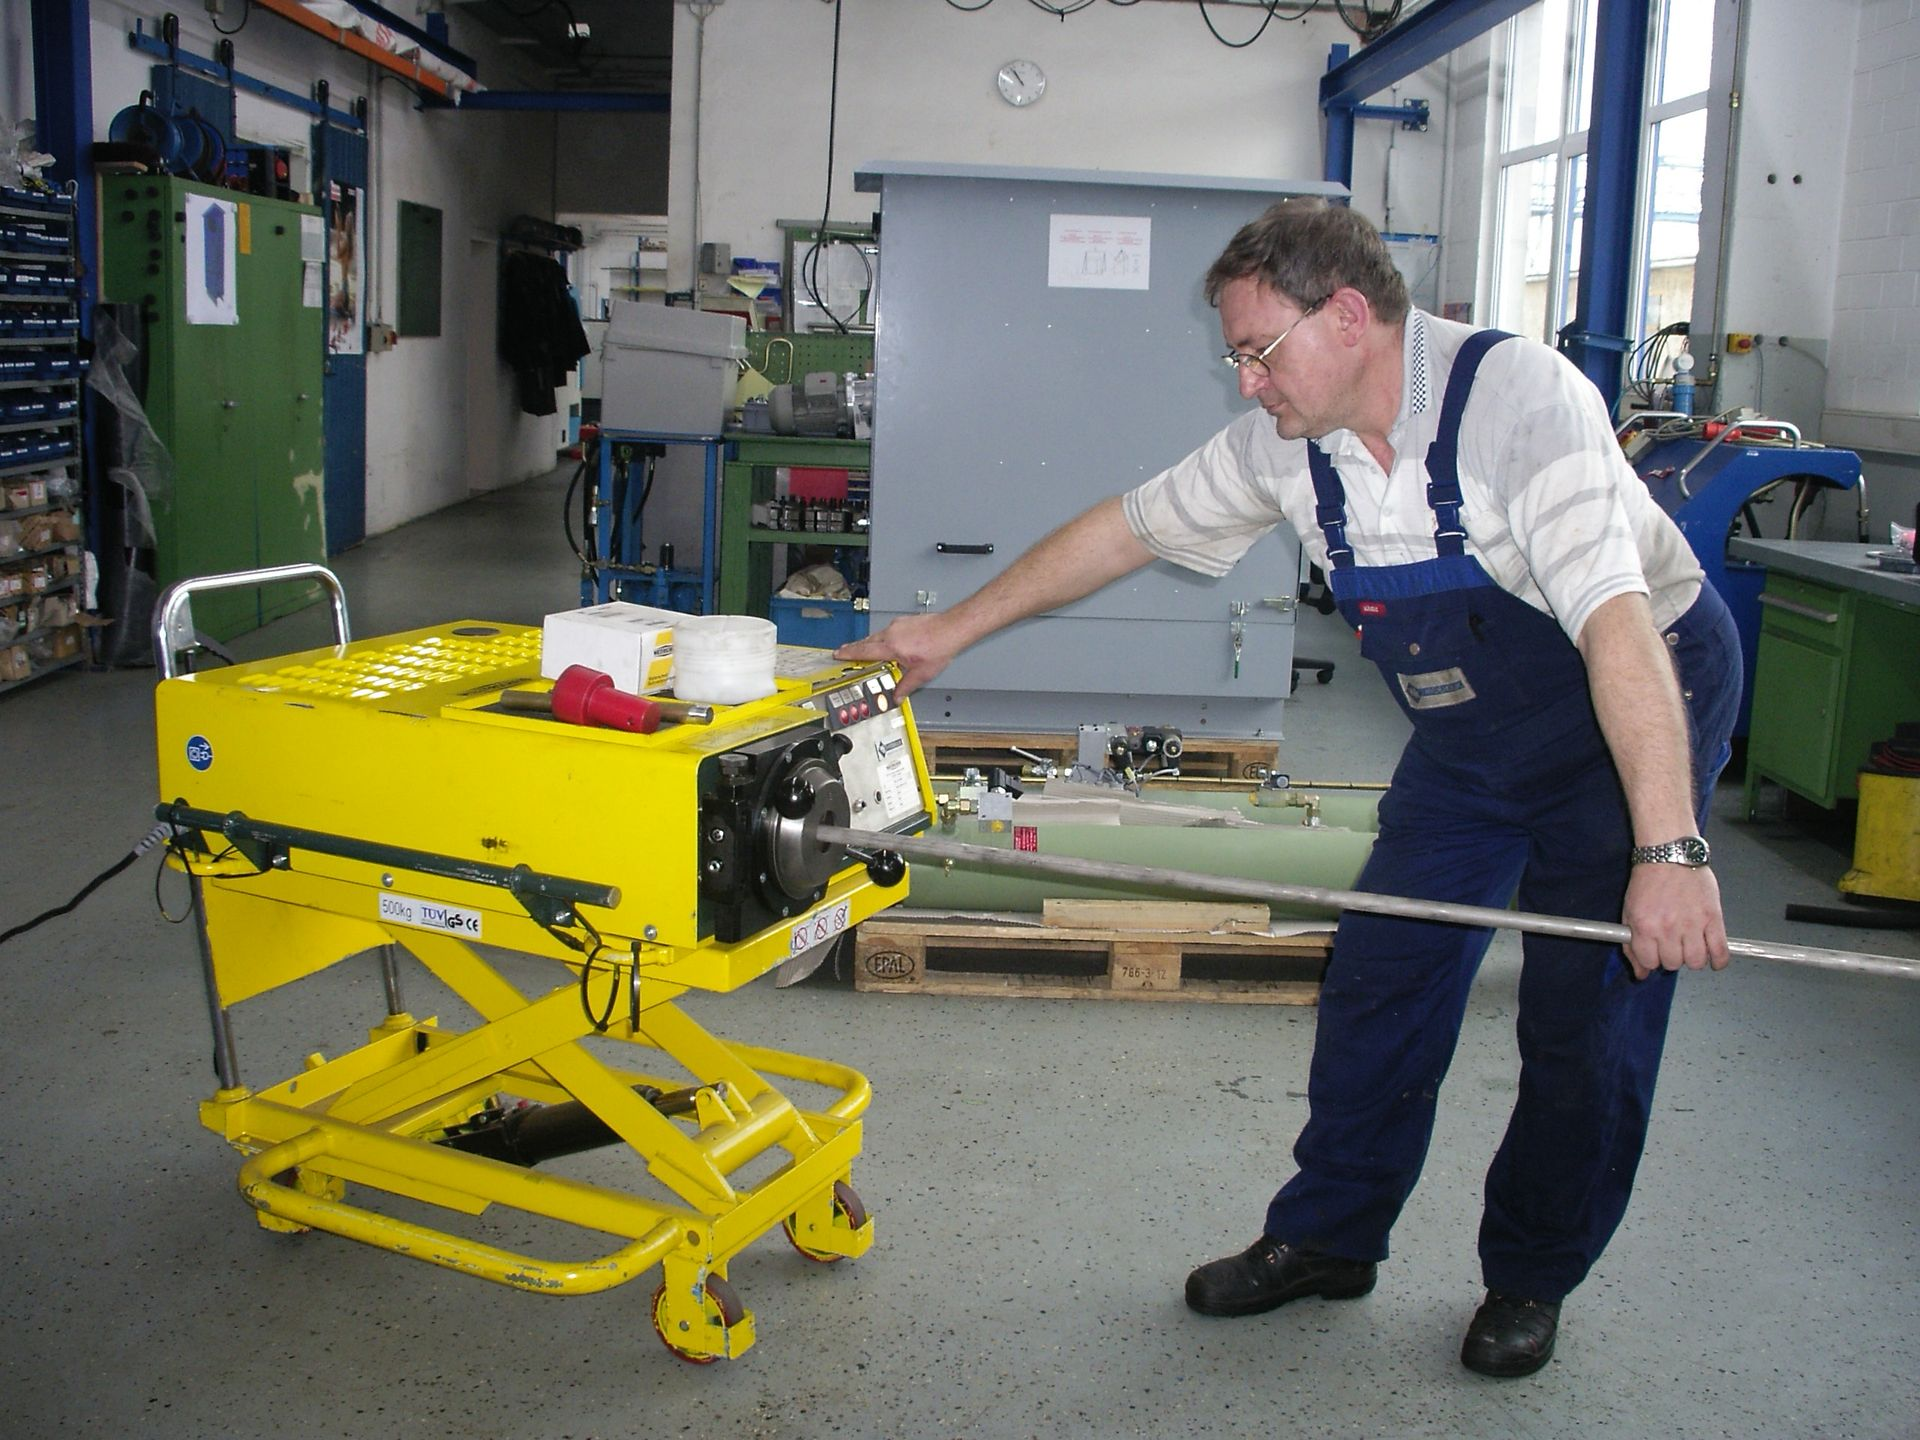 Ein Mitarbeiter bearbeitet ein Hydraulikrohr